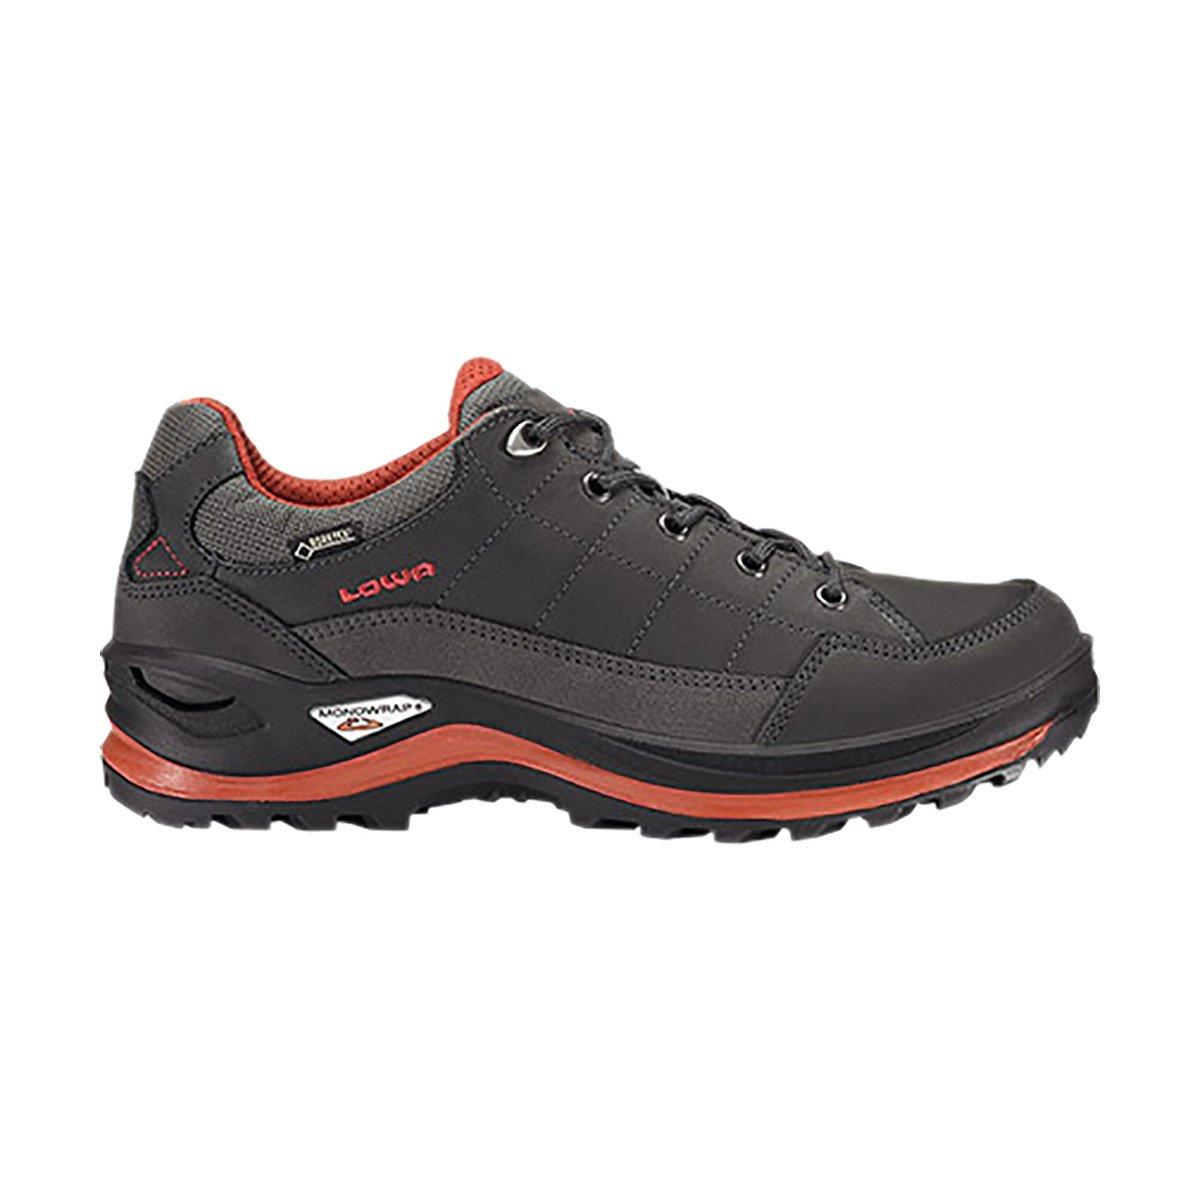 schön und charmant große Auswahl Rabatt-Sammlung Lowa Men's Renegade III GTX LO Hiking Shoe